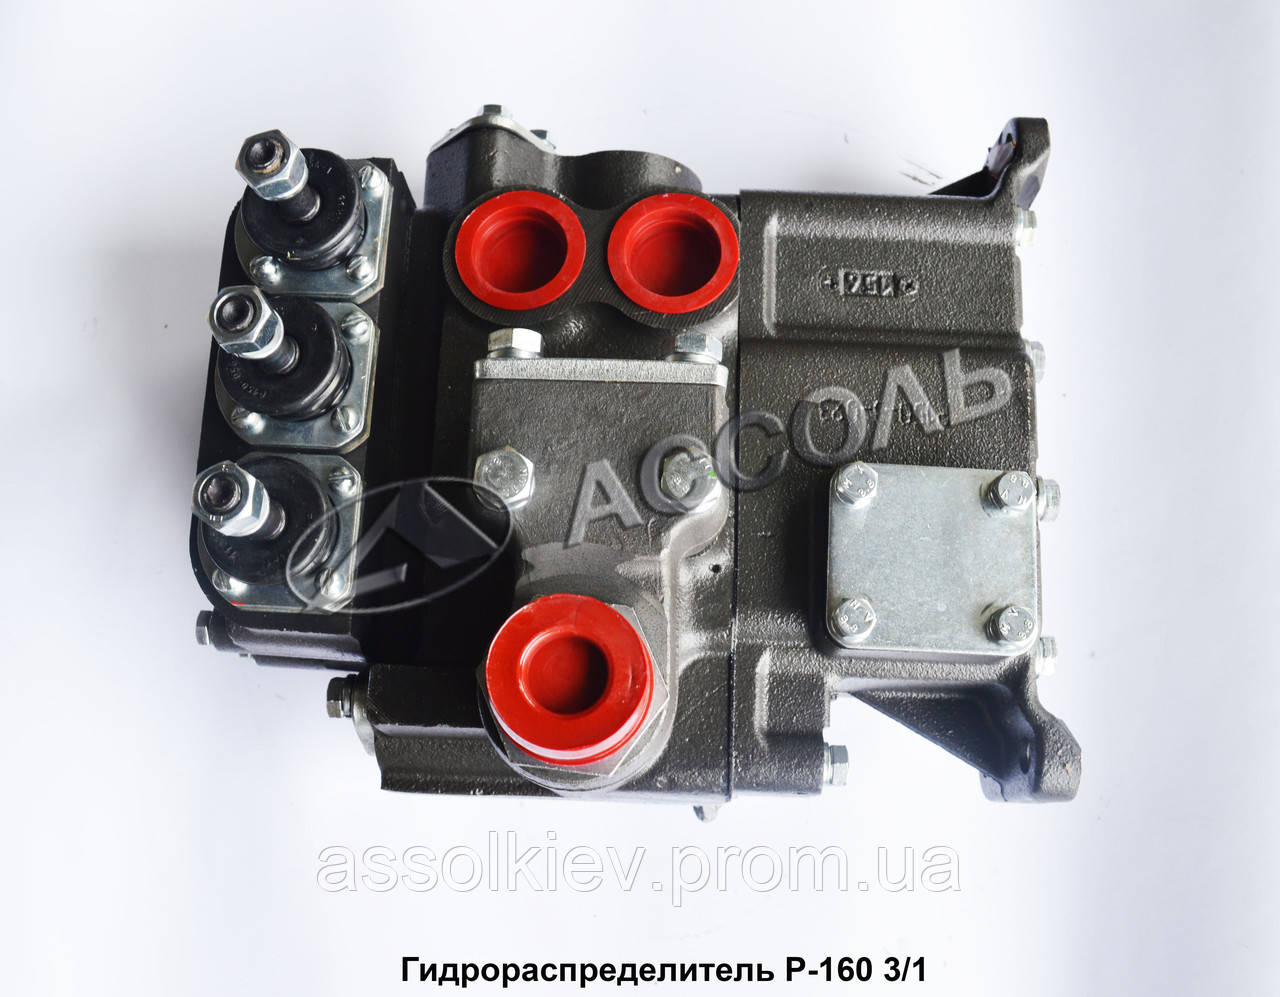 Гидрораспределитель (Гидросила) Р-160